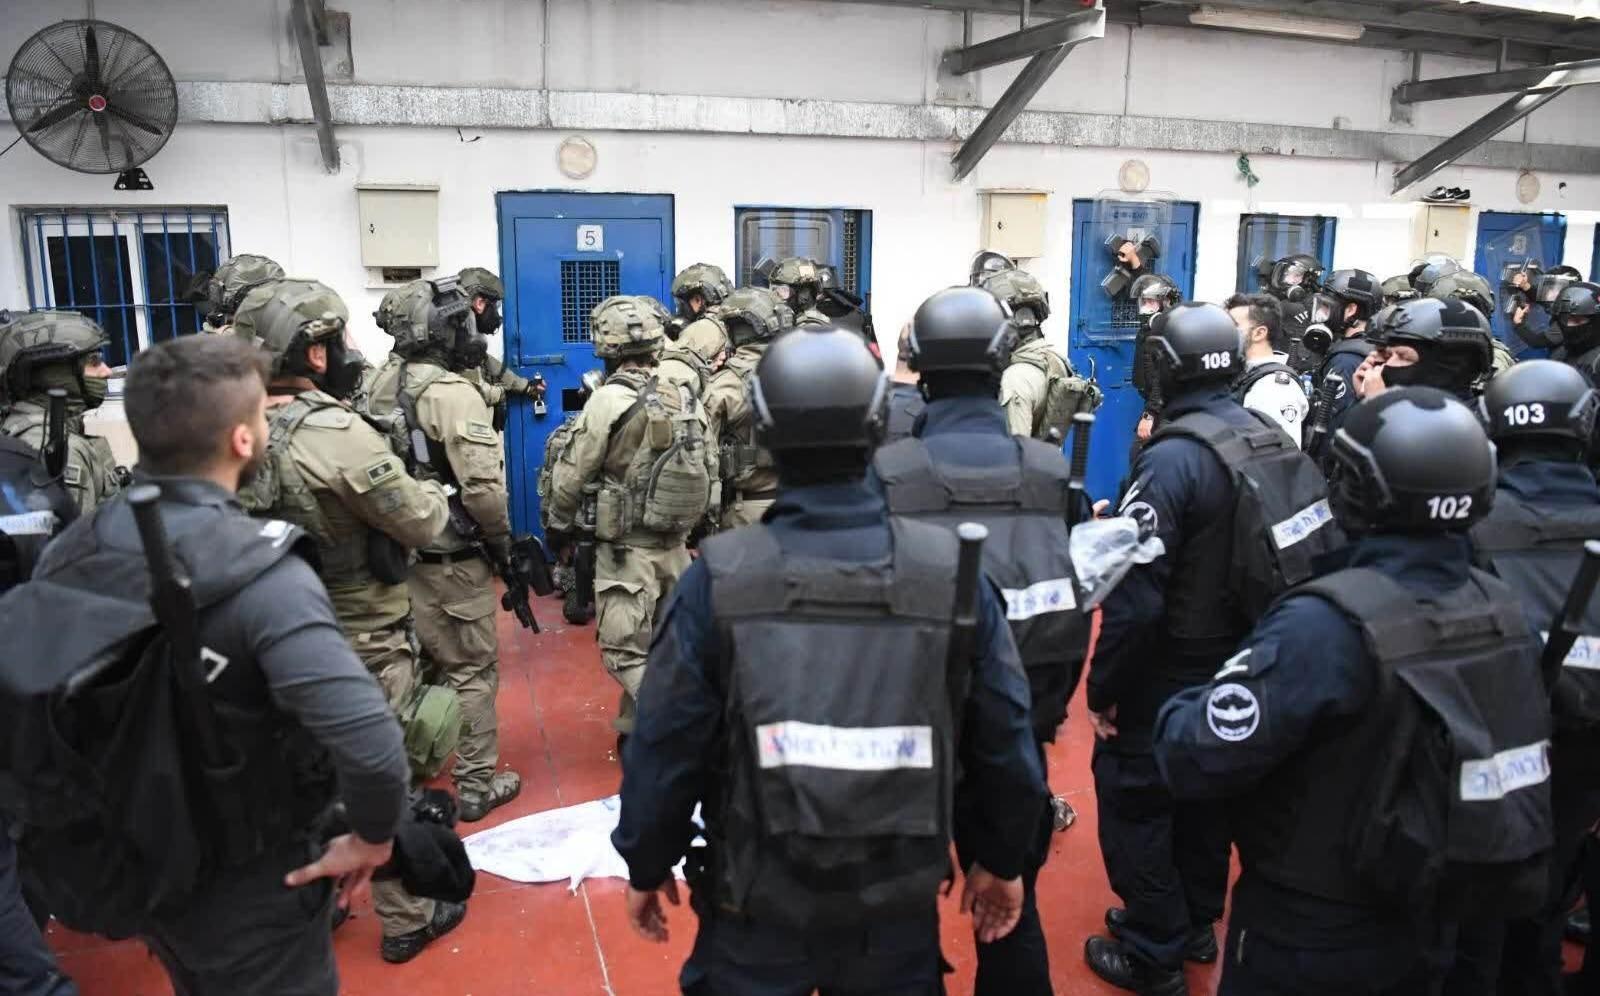 إدارة سجون الاحتلال تواصل عزل الأسيرين خرواط والقواسمة وتجدد الإعتقال الإداري للصحفي هليل